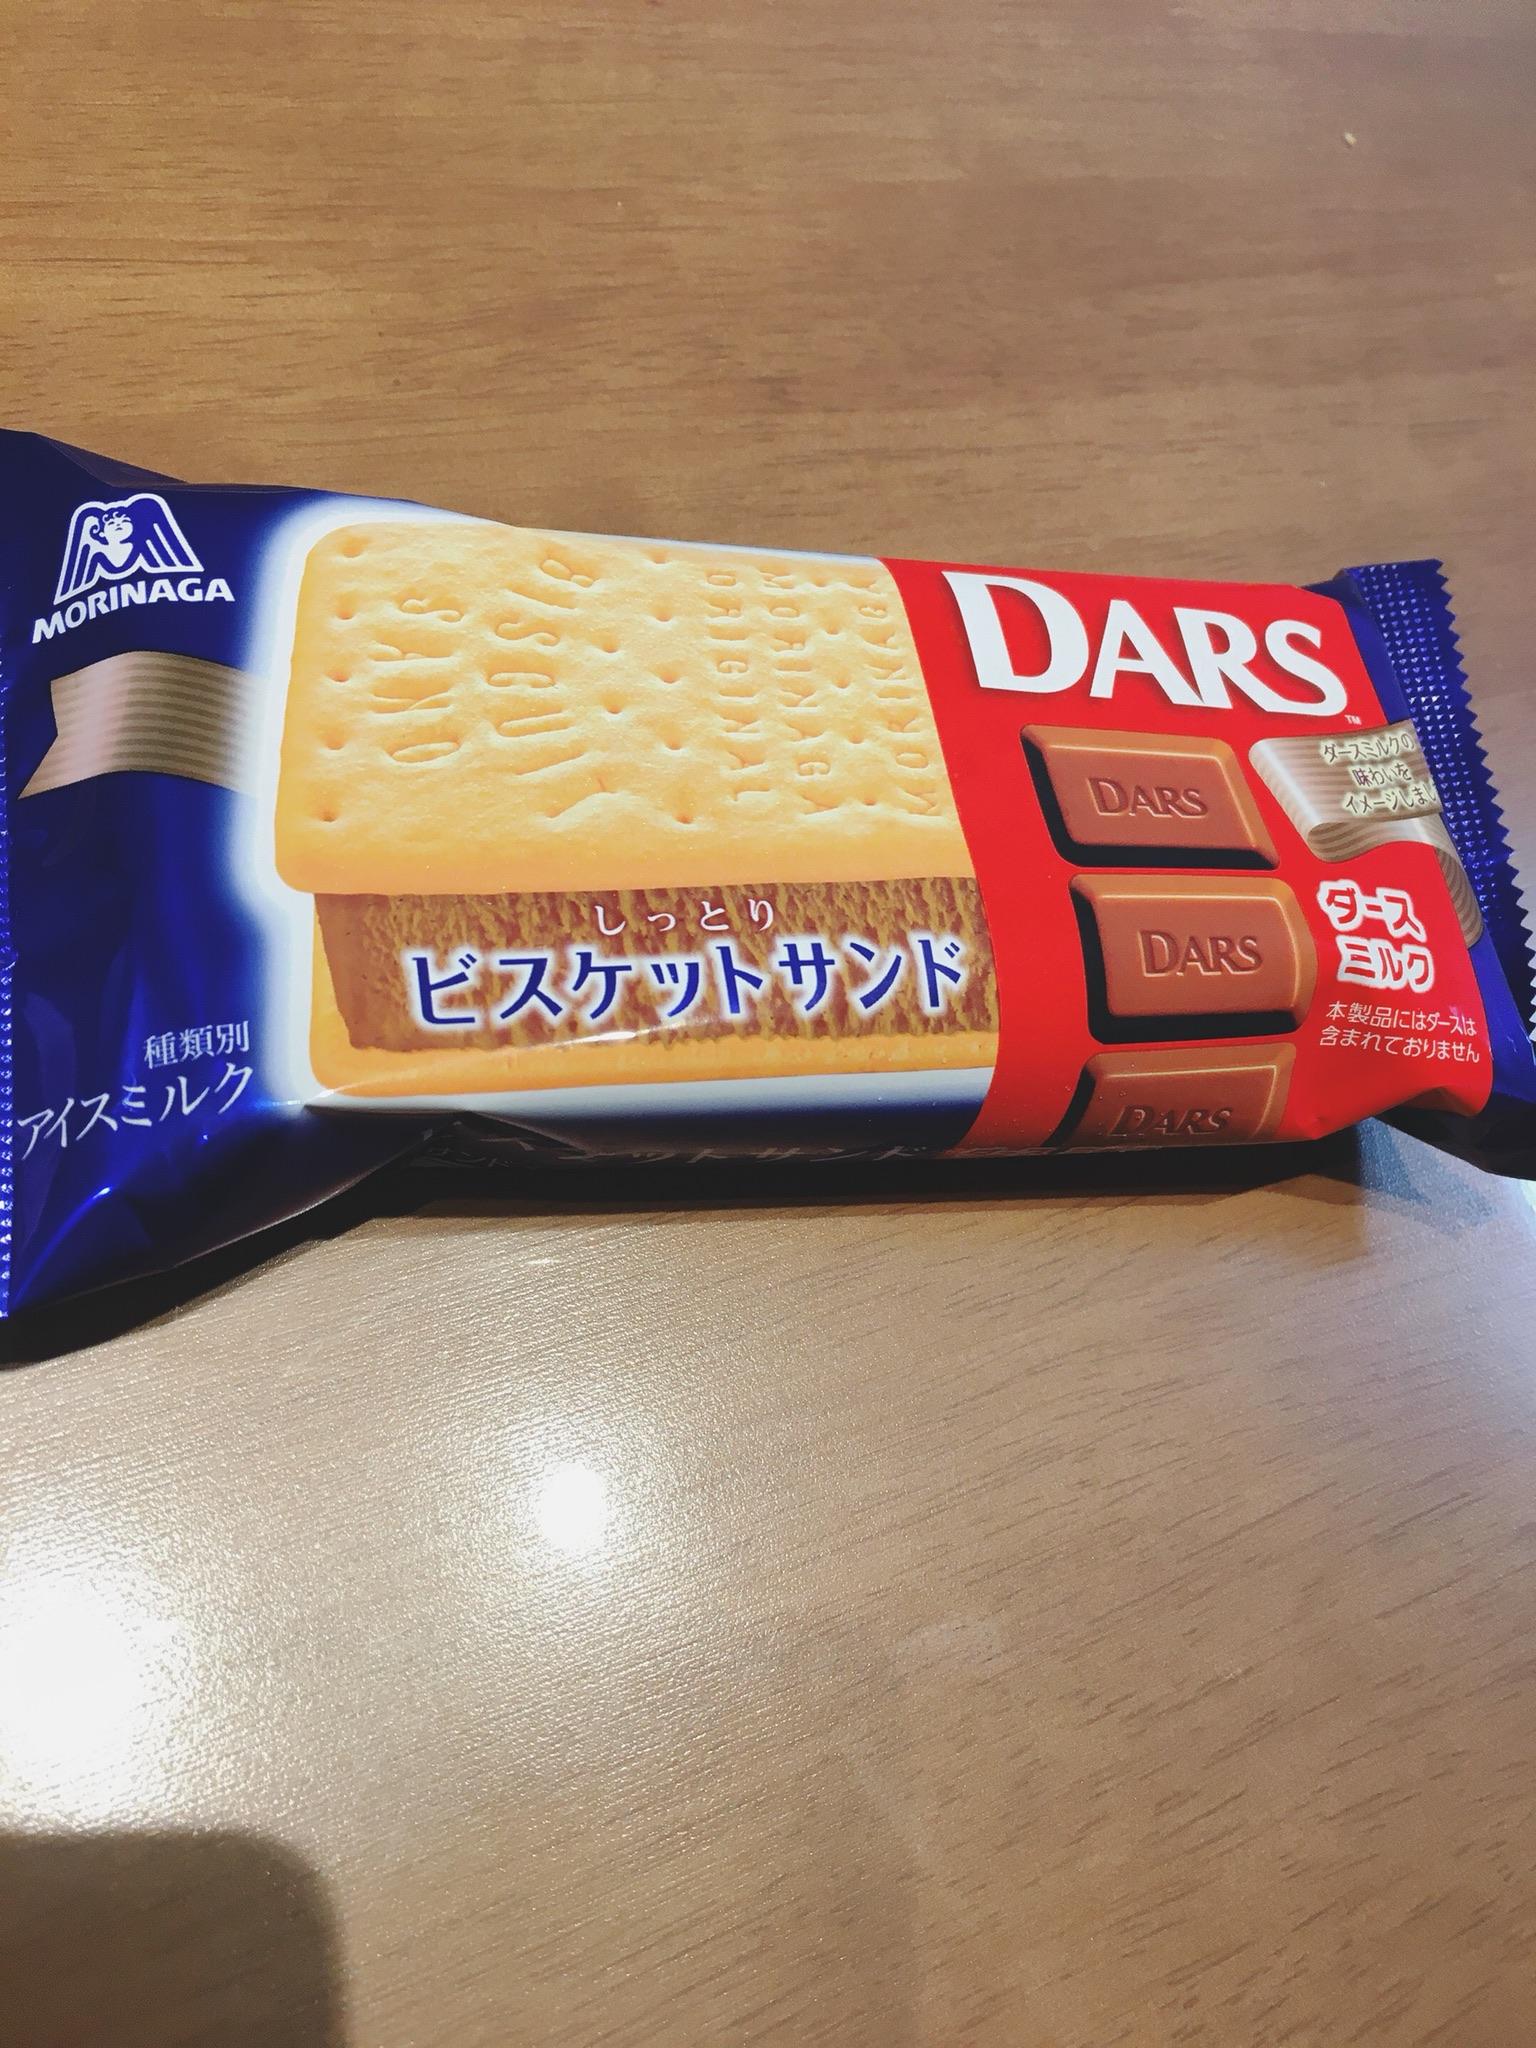 アイスのDARS